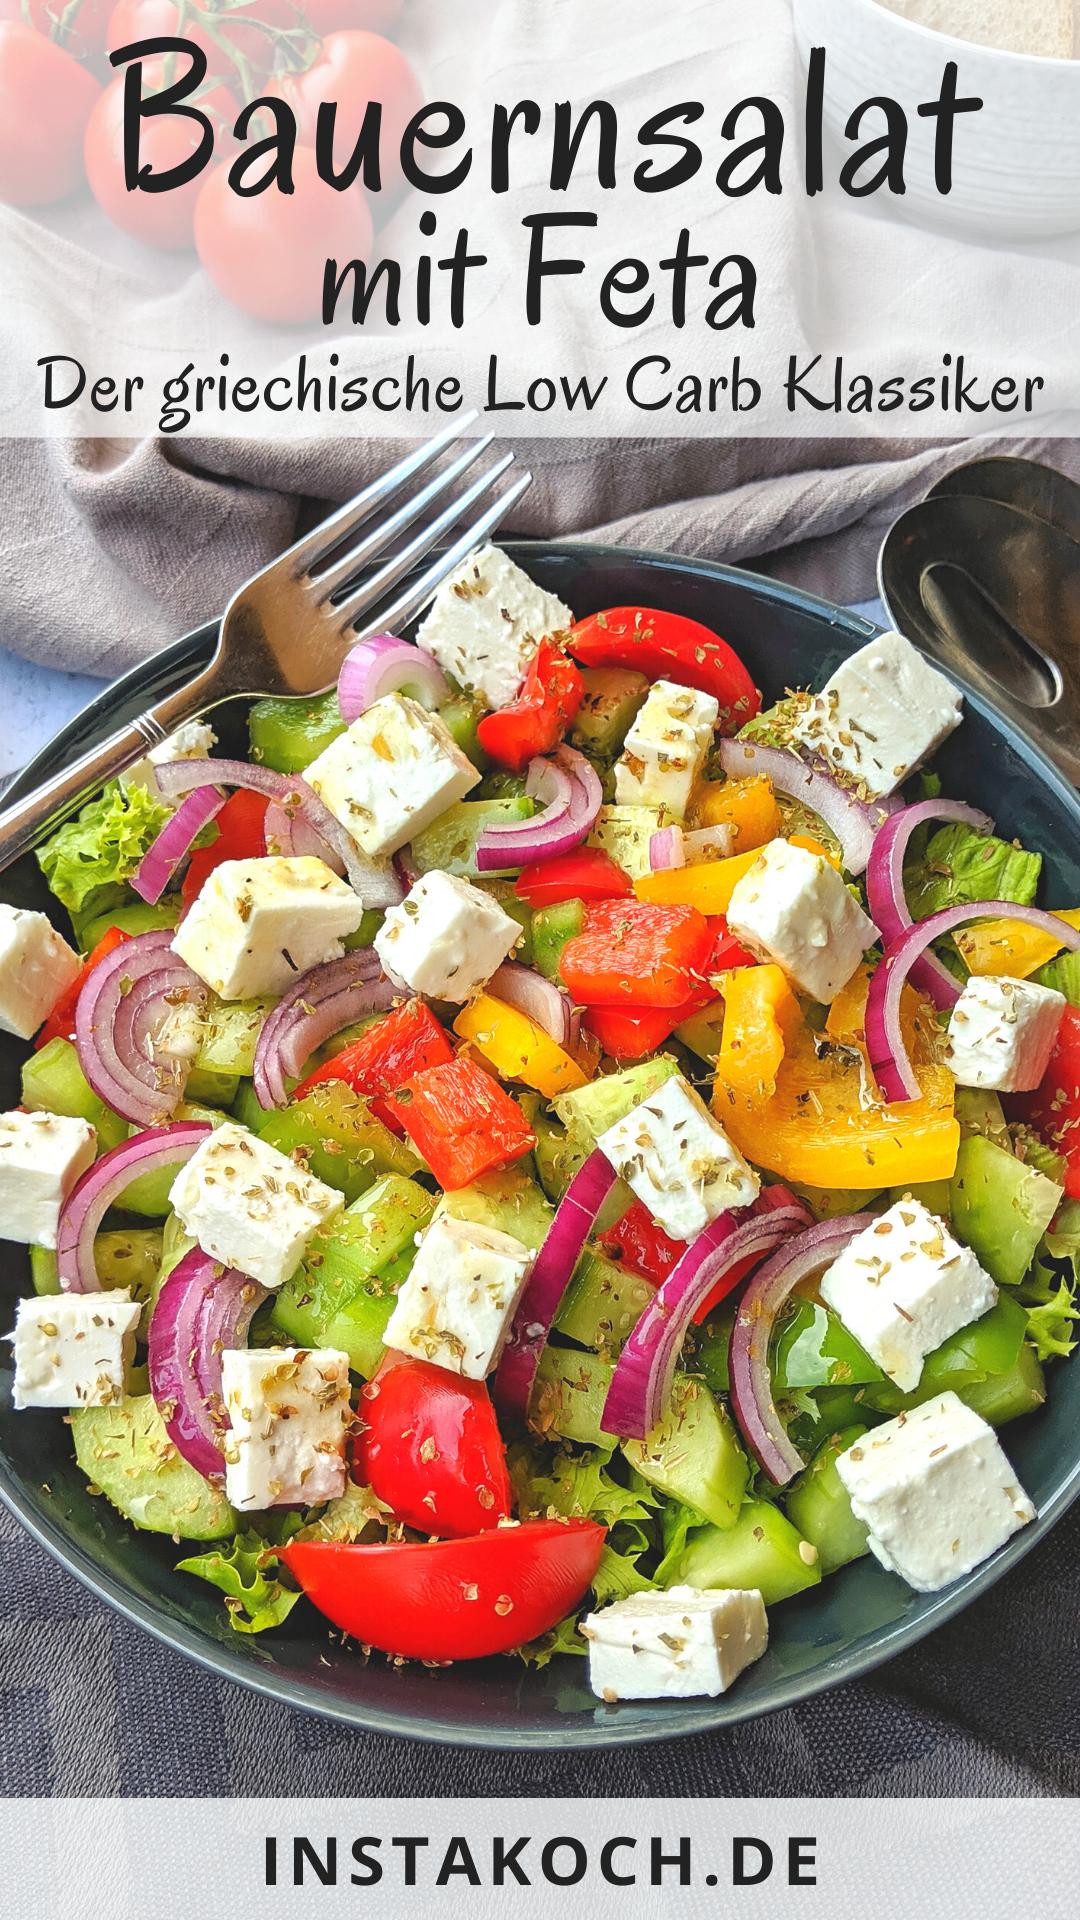 Bauernsalat - Tolle Low Carb Grillbeilage - Fertig in 20 Minuten - Chiara&GesundesEssen